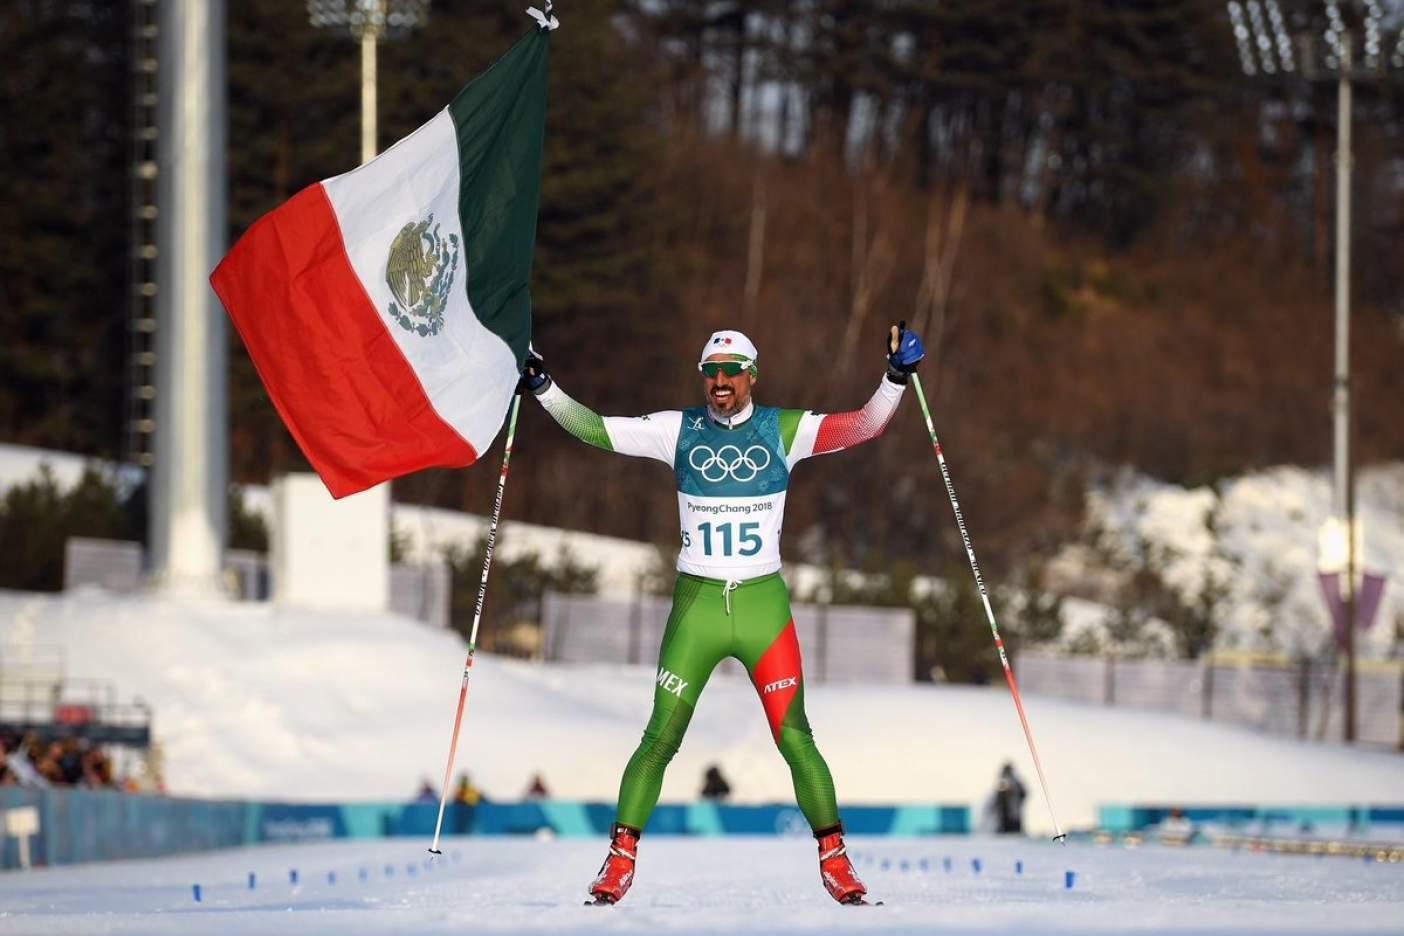 Mexicano queda último en esquí de fondo, pero no es una derrota